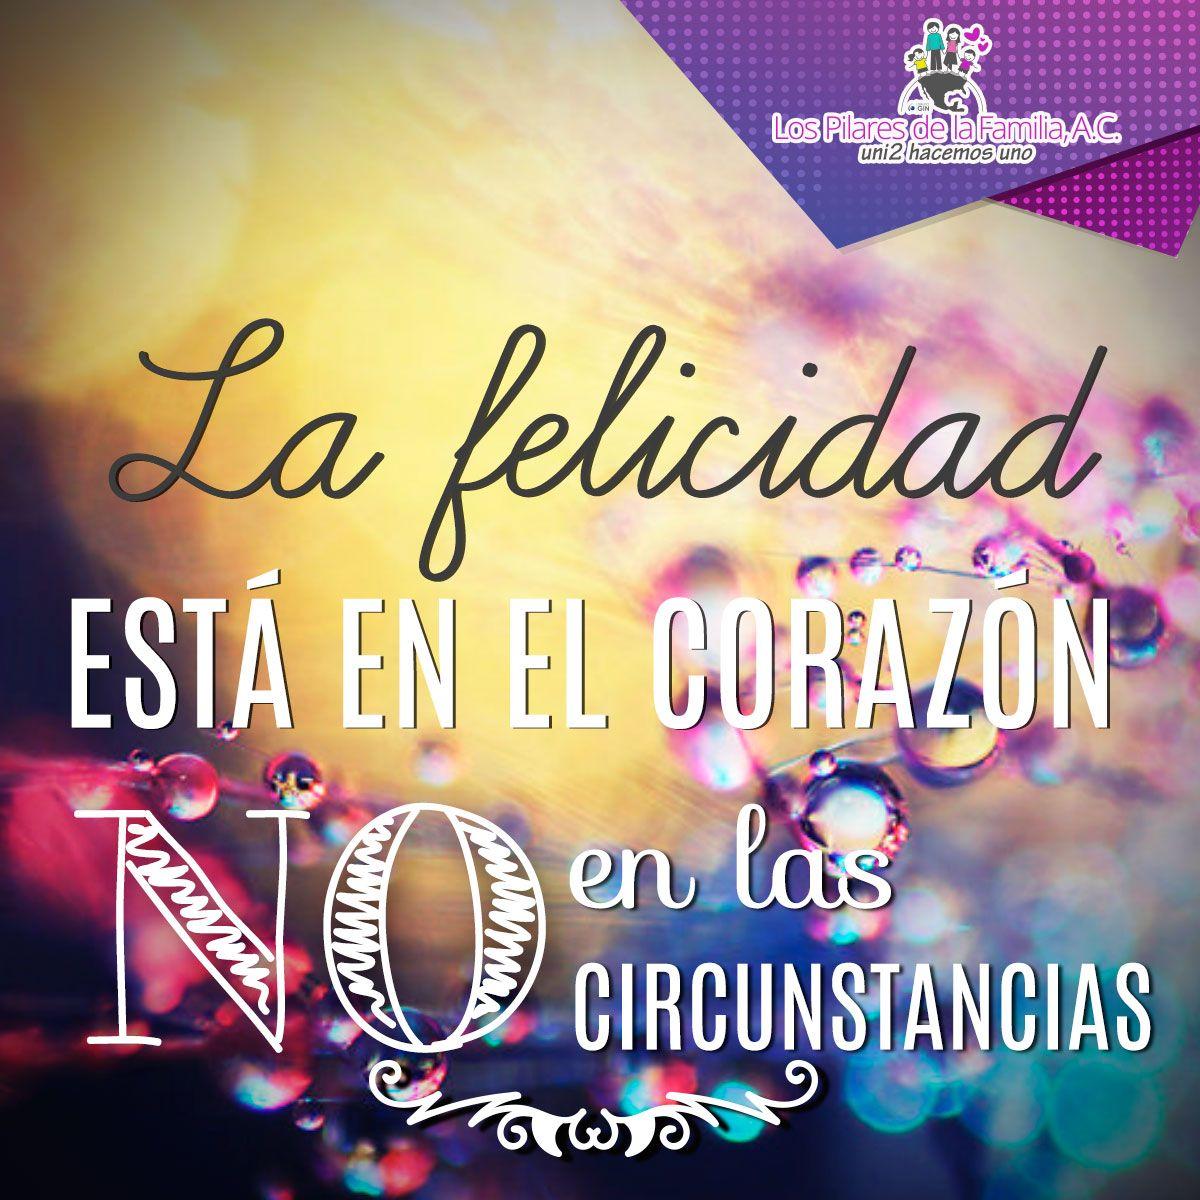 La #felicidad está en el #corazón, no en las circunstancias.